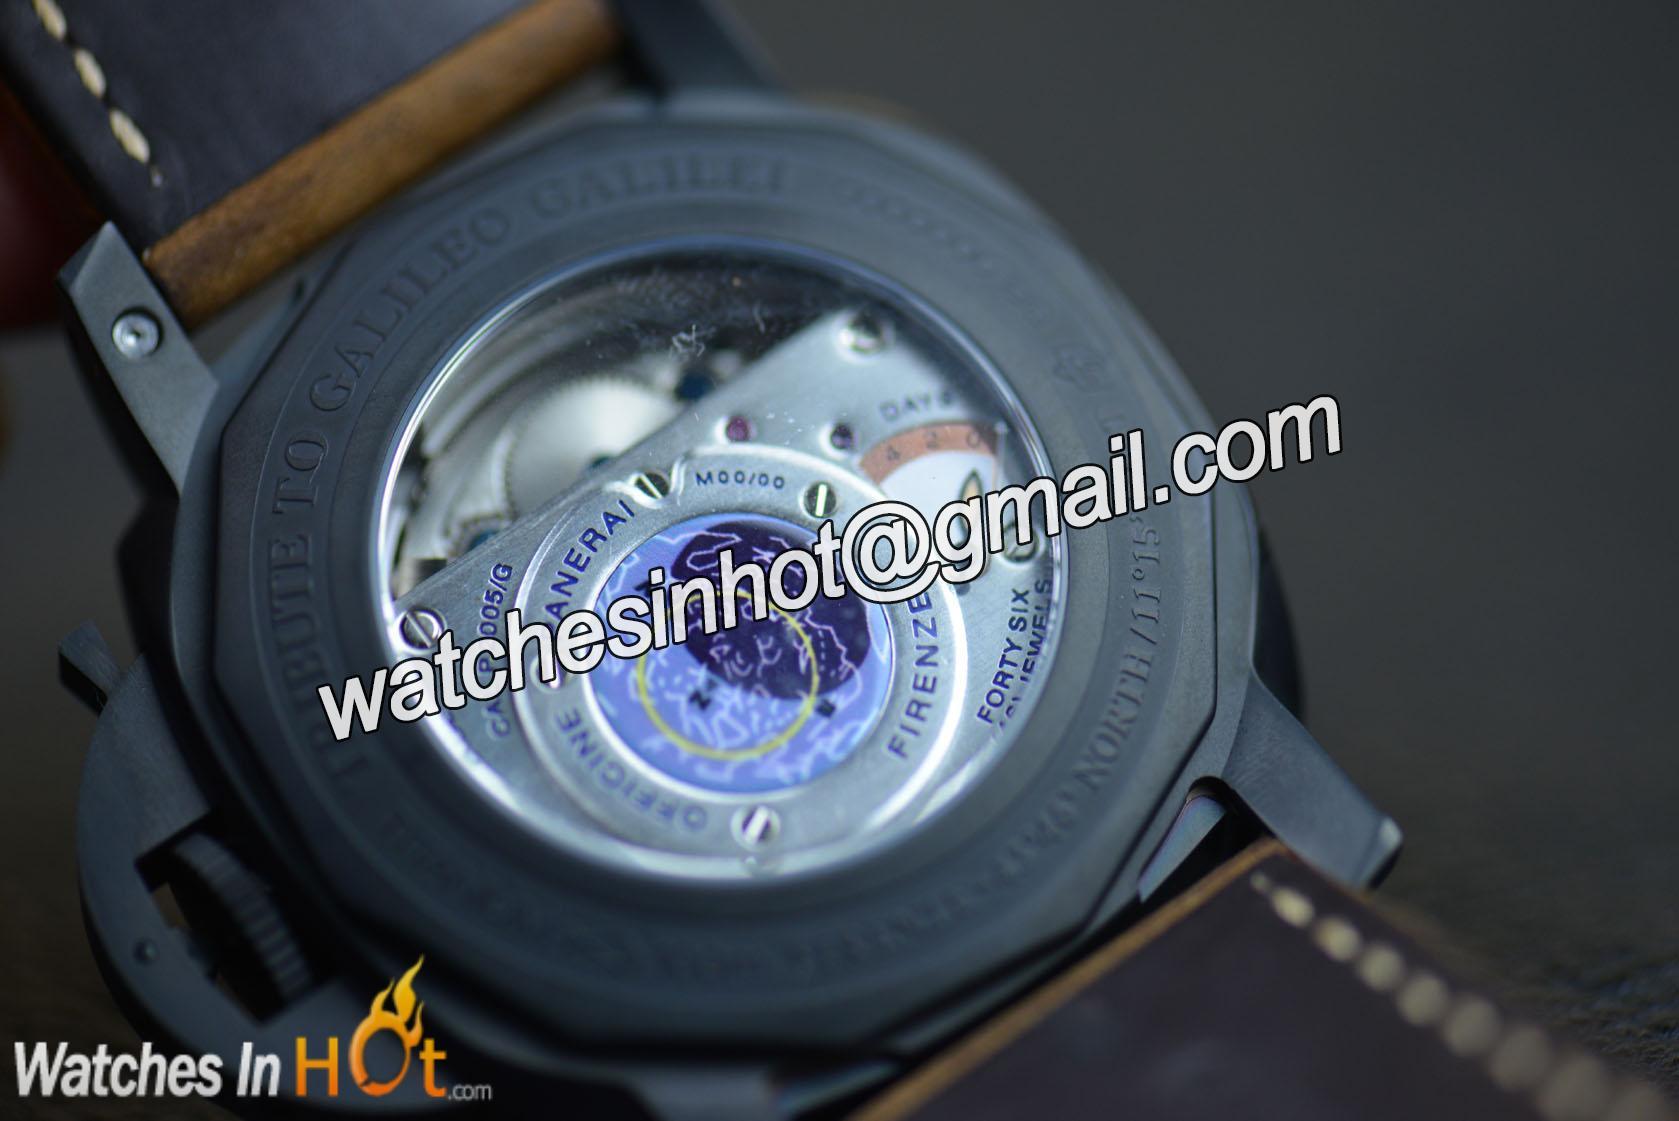 Classic Panerai Luminor 1950 Watches